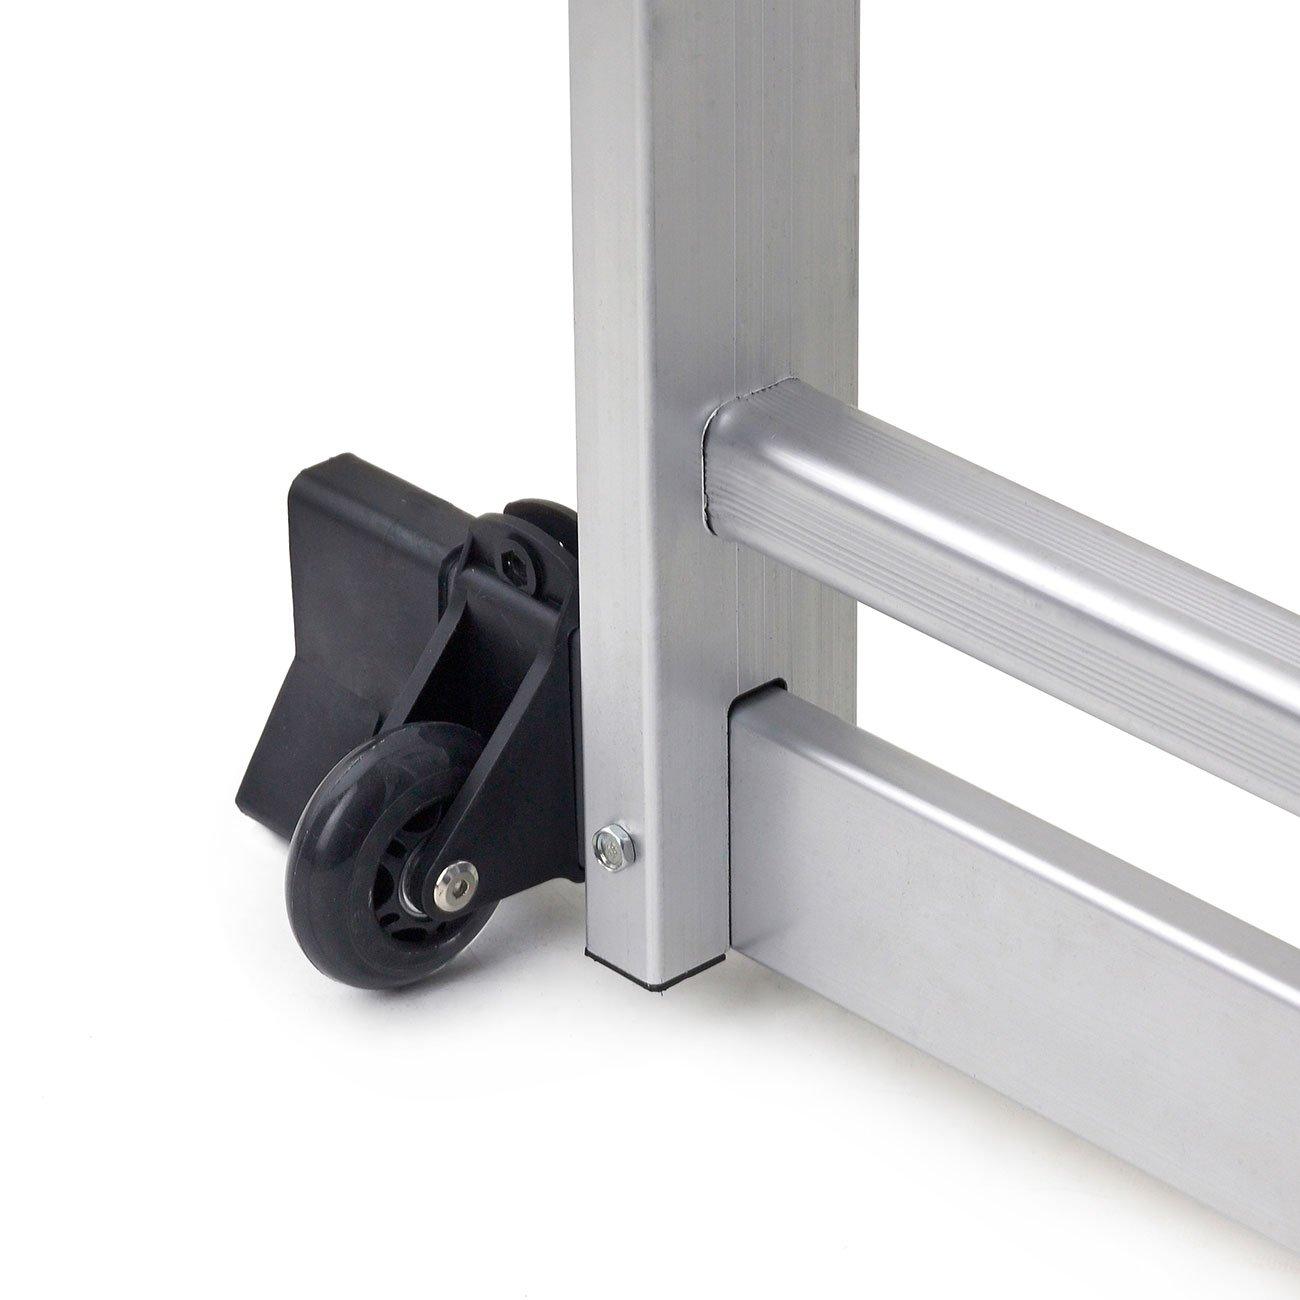 MAXCRAFT /Échafaudage Multifonction /Échelle Pliable Echelons Bricolage avec plateforme de travail mobile Main courante Aluminium EN131 Charge 150 kg